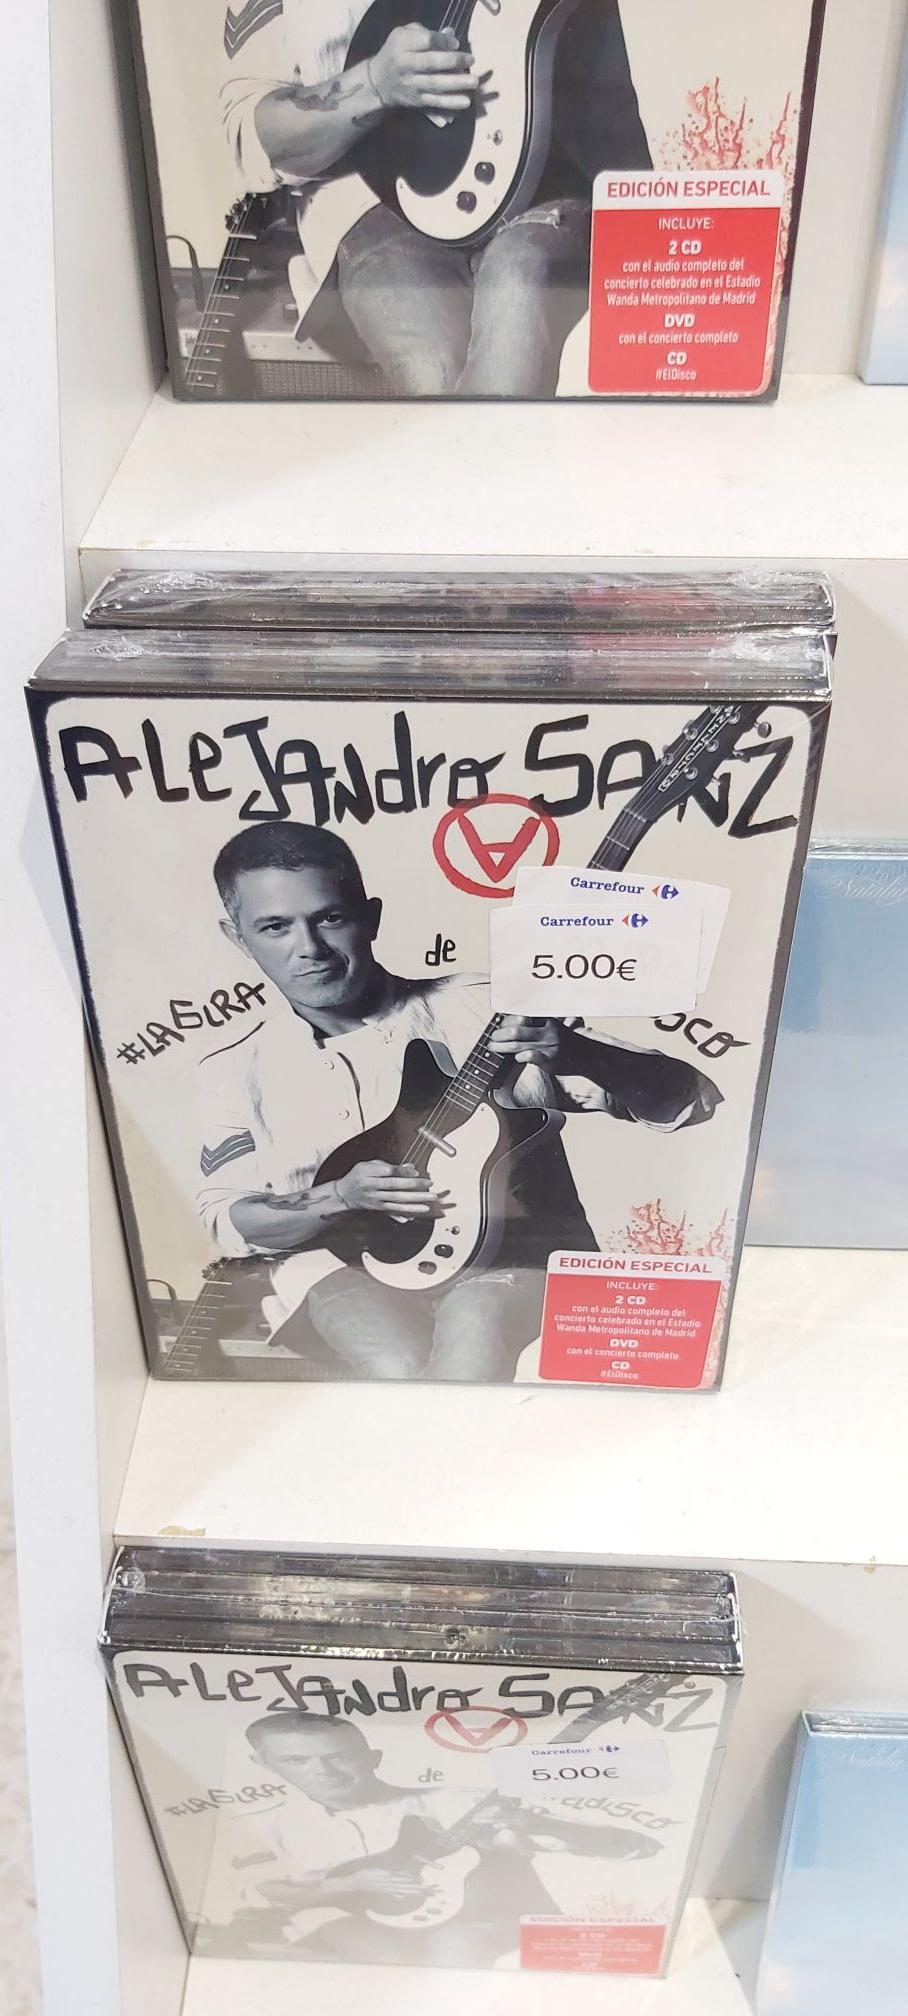 Alejandro Sanz, #la gira del disco Edición Especial (3 CDs y DVD) (Carrefour Almería)